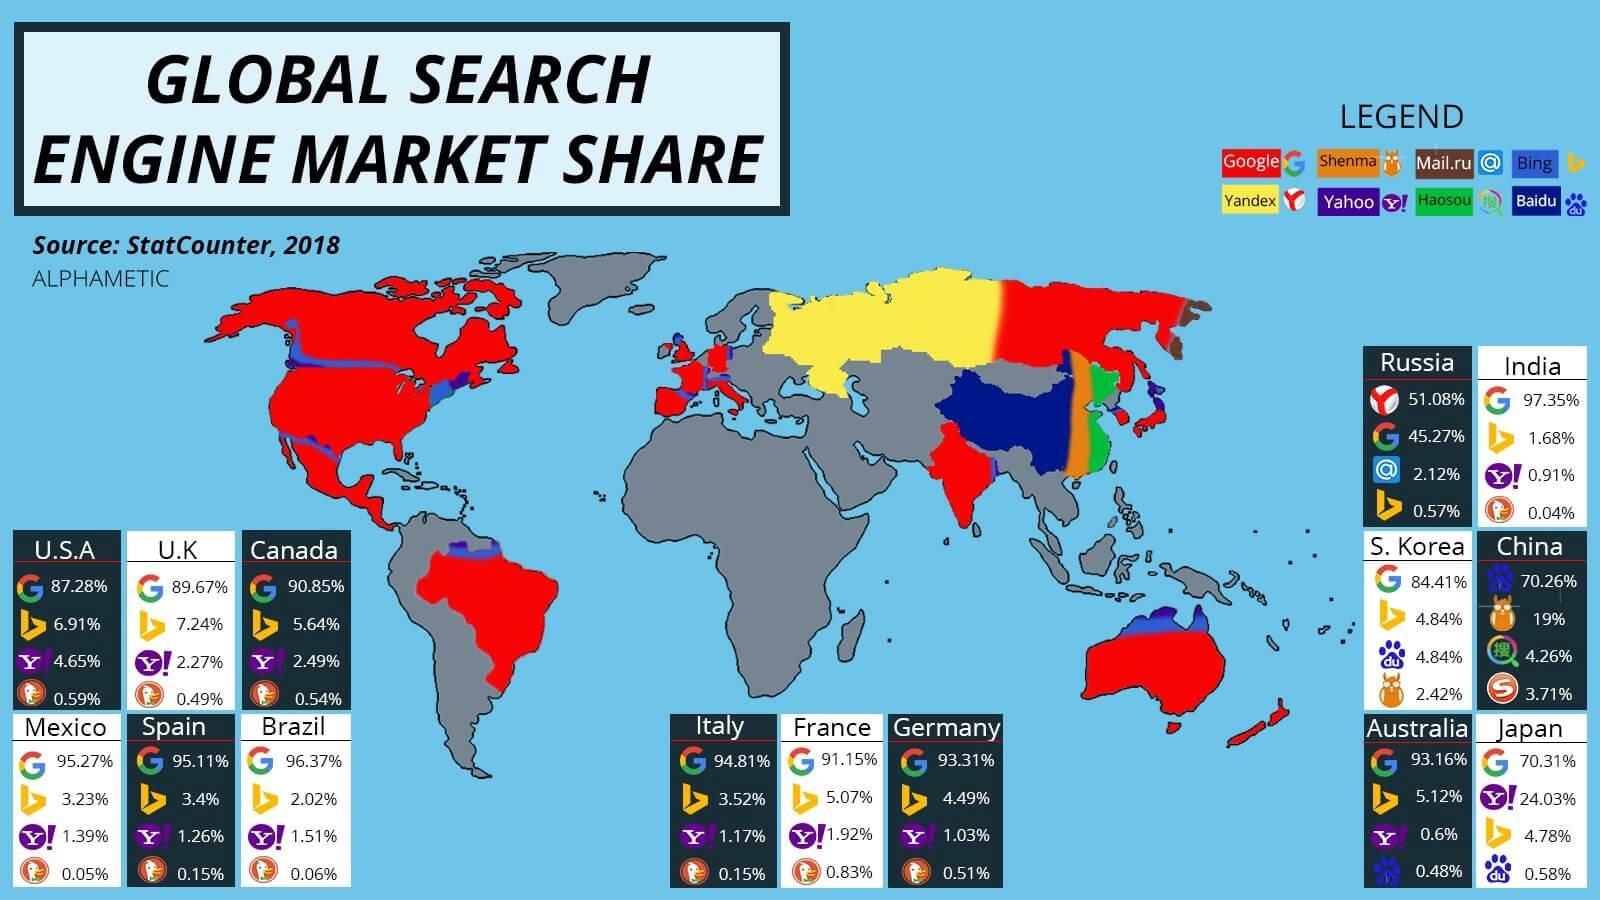 Najpopularniejsze wyszukiwarki z podziałem na kraje